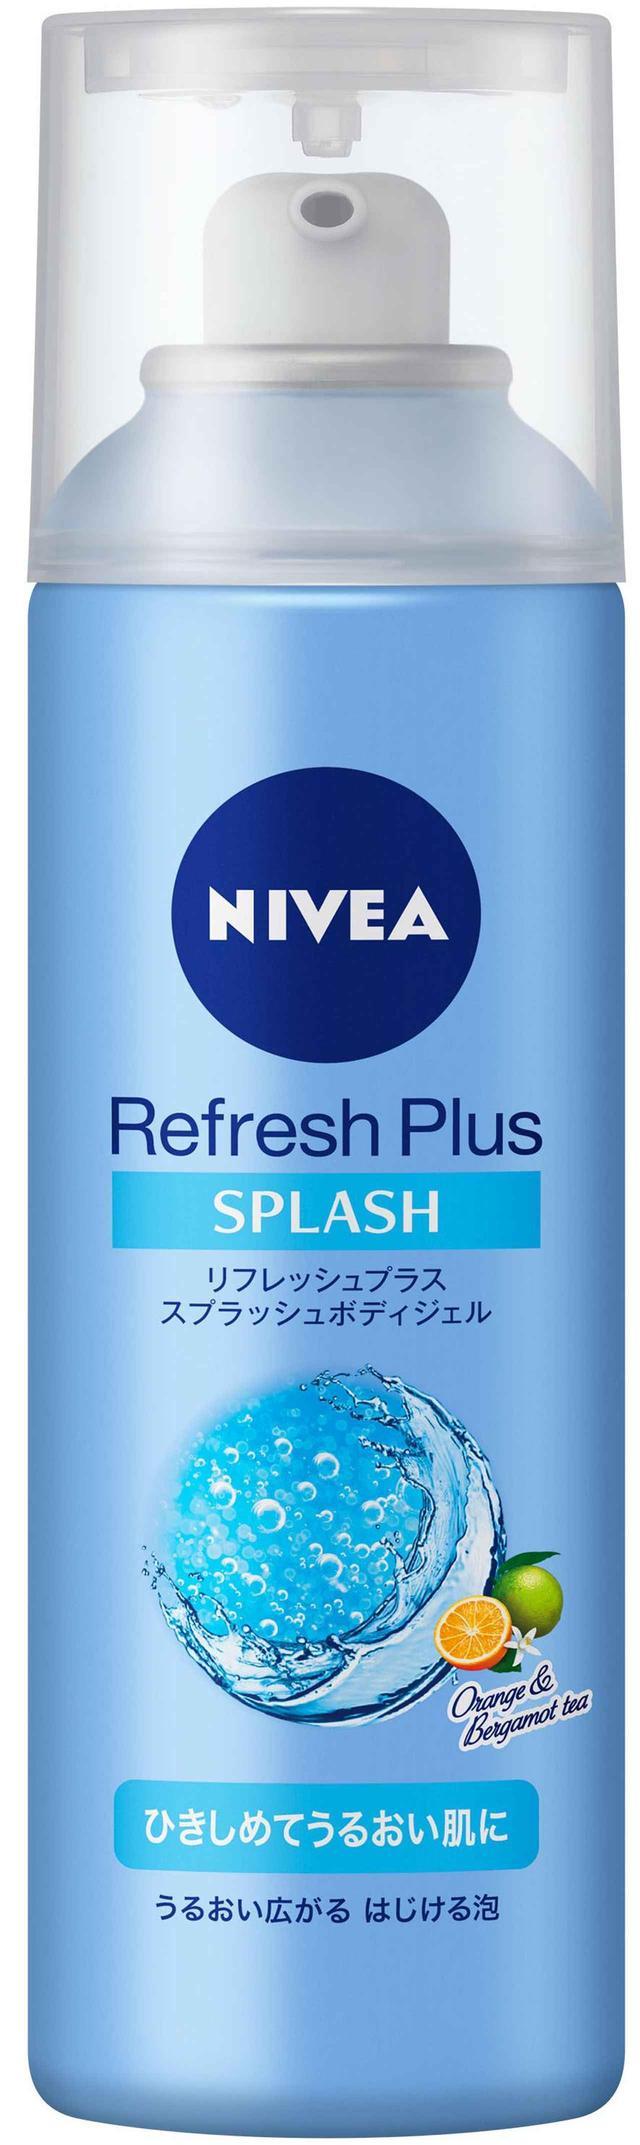 画像: ひんやりはじける泡がジェルに『ニベア リフレッシュプラス スプラッシュボディジェル』3月新発売